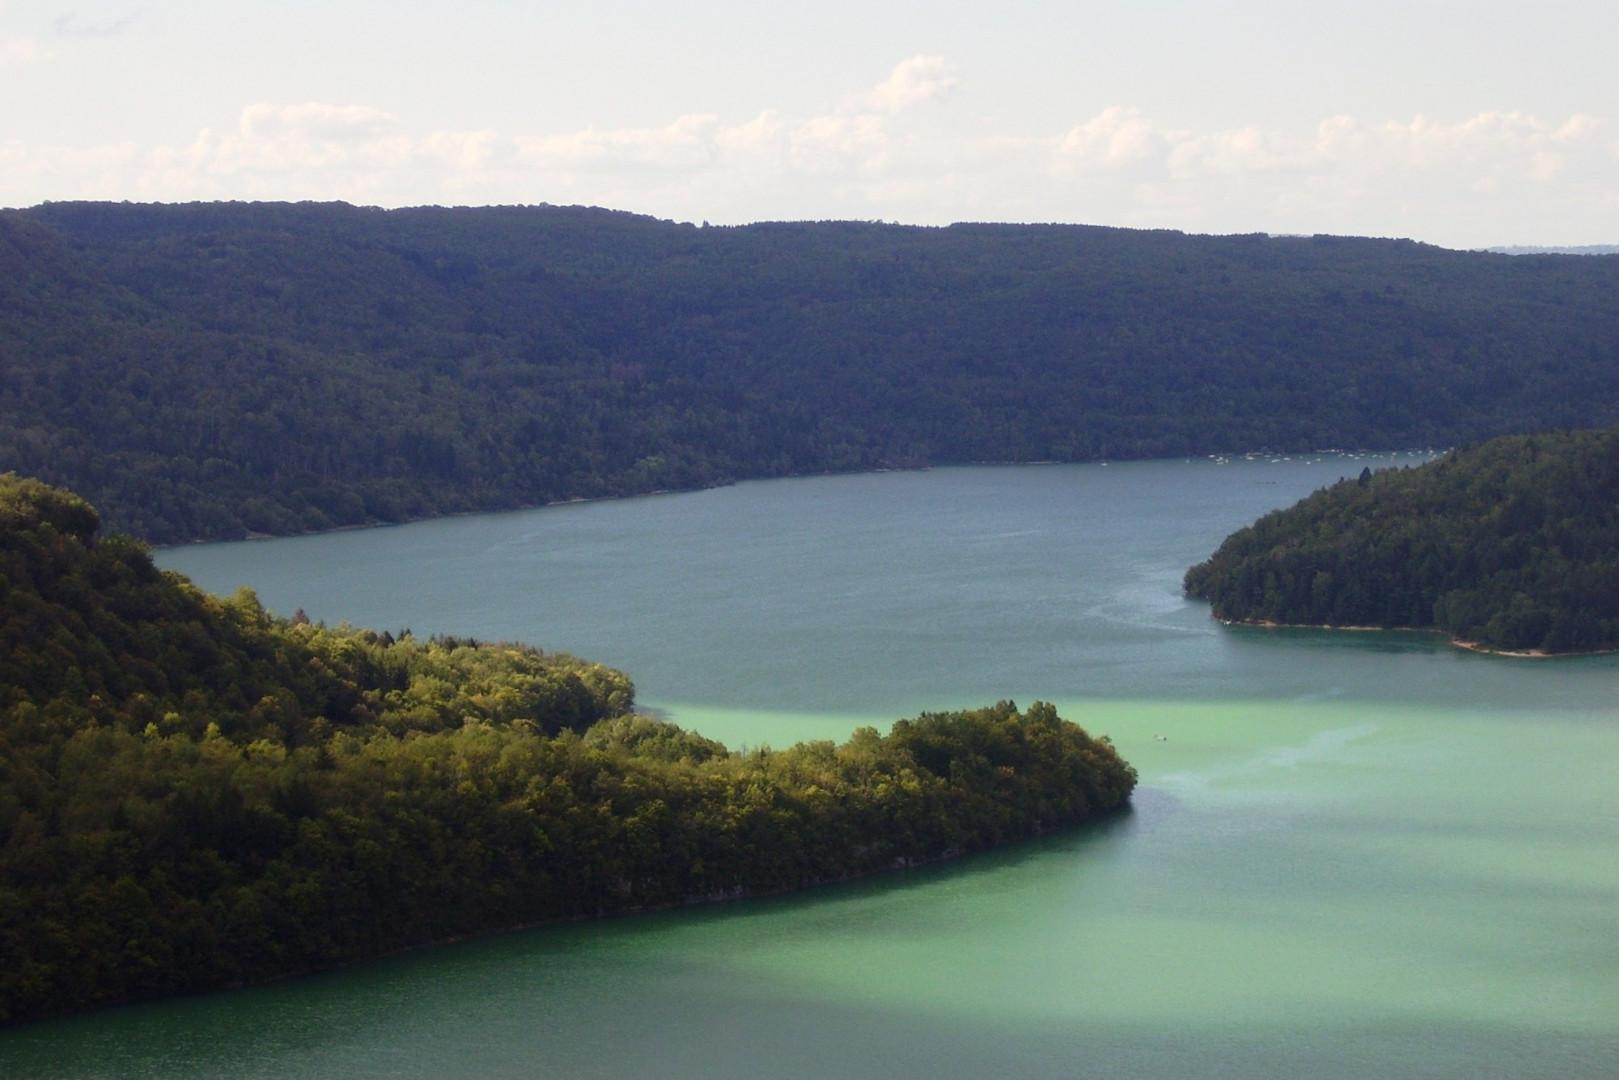 Le lac Vouglans est surnommé le lac Emeraude en raison de ses couleurs de bleus et de verts incroyables